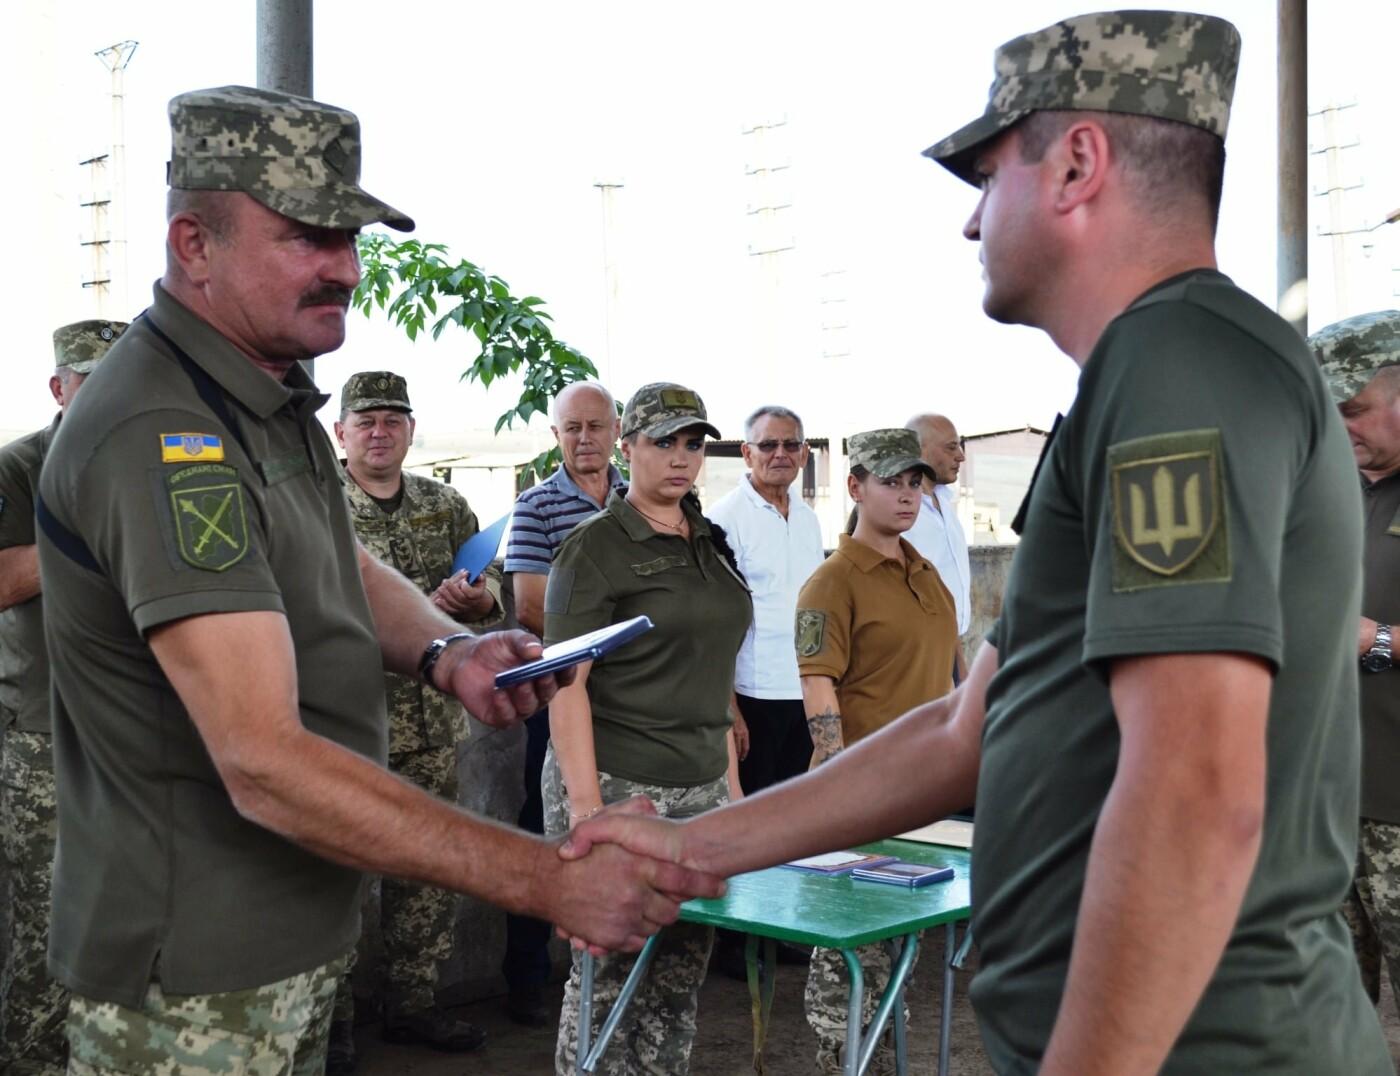 День бригады криворожские танкисты отметили победой в конкурсе на лучший танковый взвод ВСУ, - ФОТО, фото-2